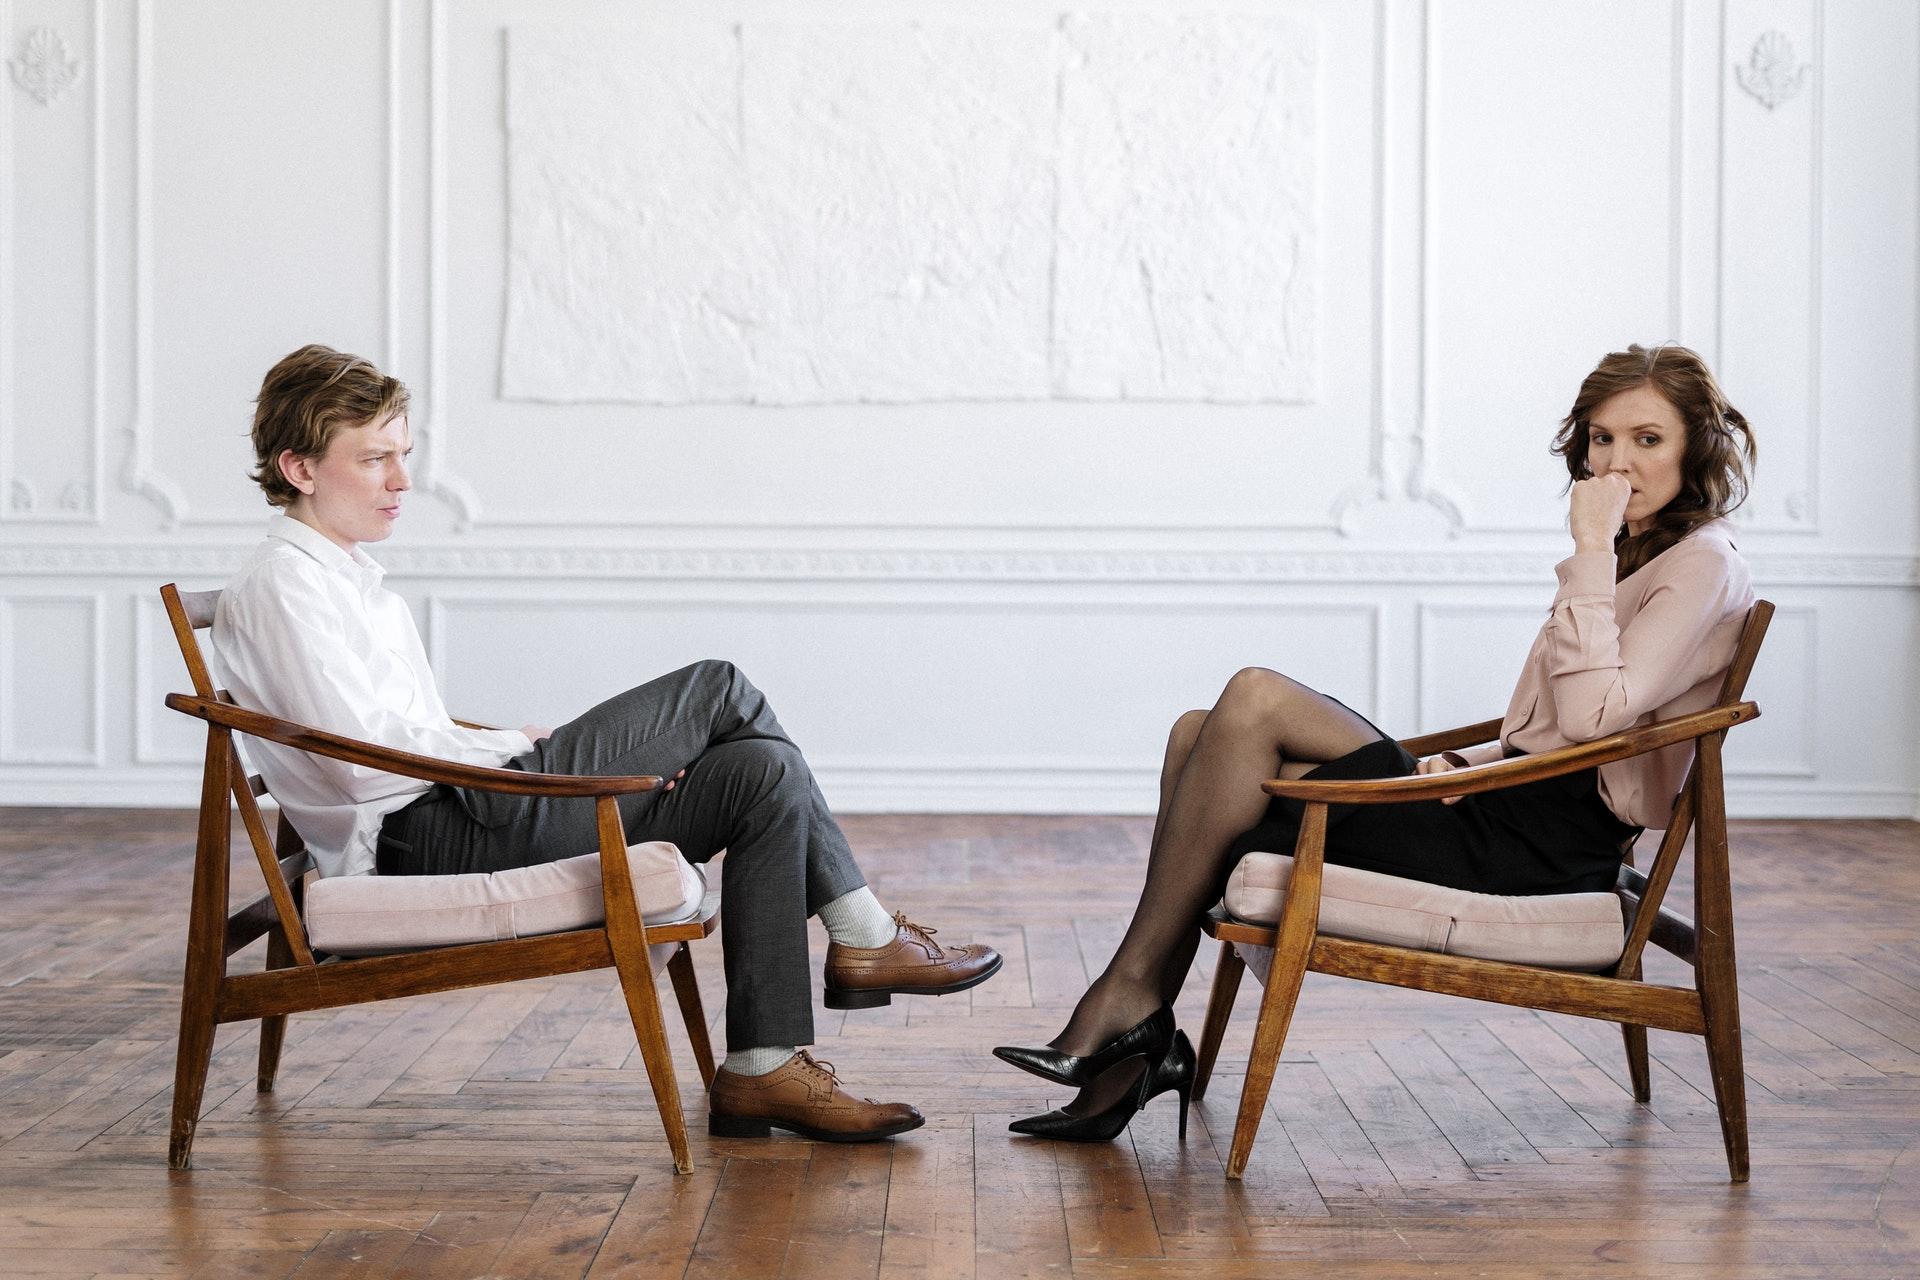 Πως μια σωστή και καλή επικοινωνία δημιουργεί μία υγιή σχέση